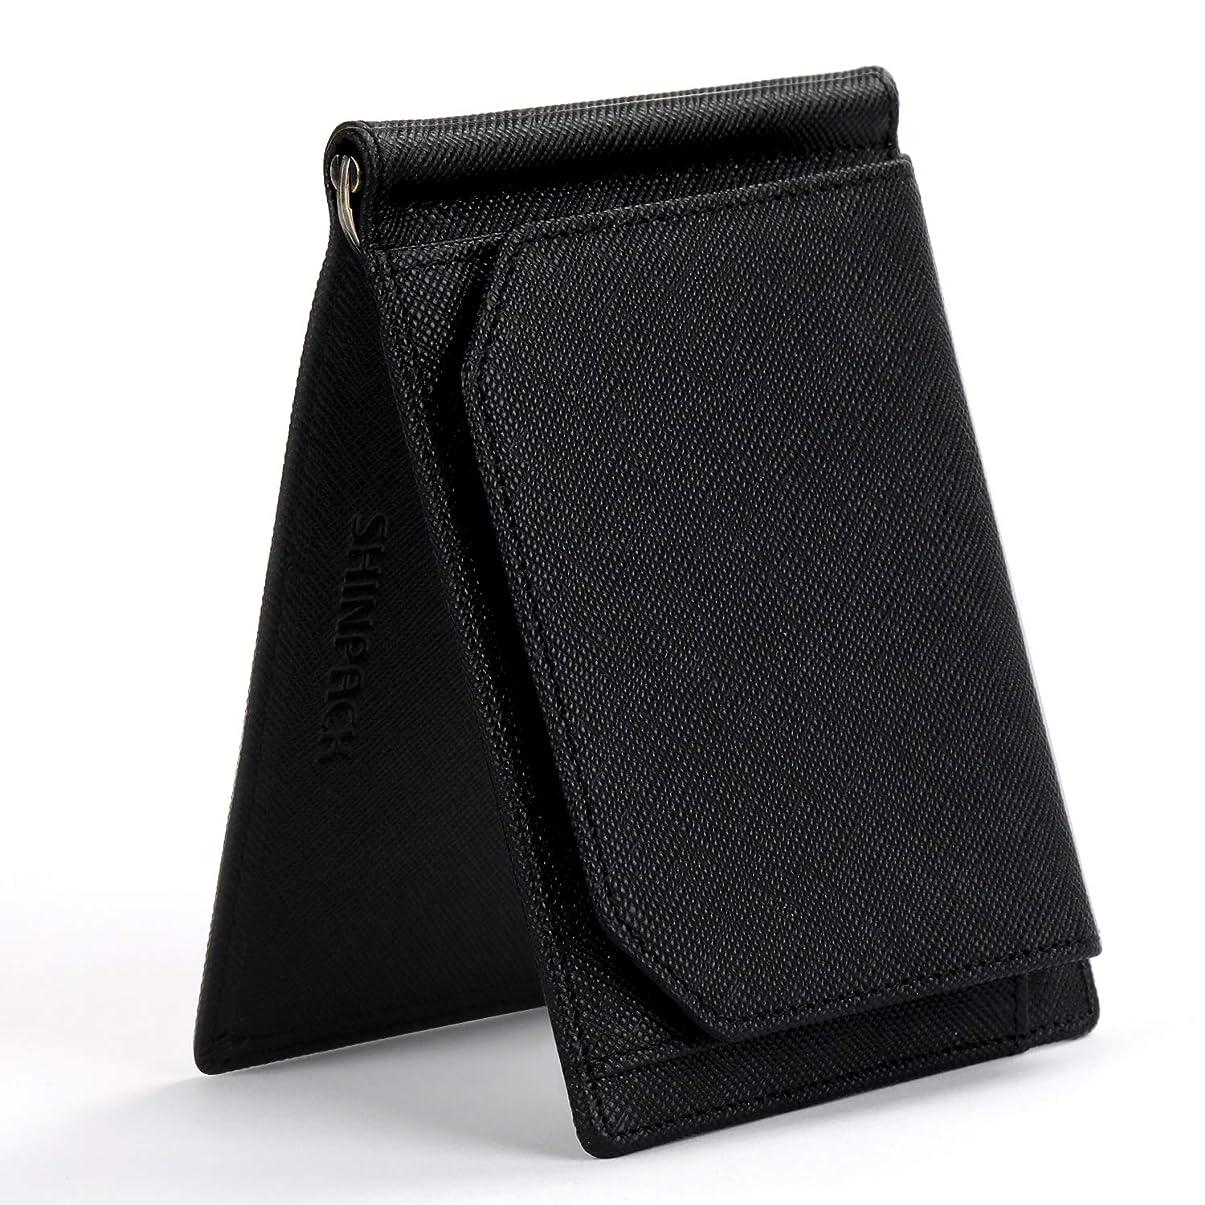 幸運な味付けフラフープSHINPACK マネークリップ メンズ 小銭入れ付き 牛革 本革 二つ折り 財布 薄い ブラック